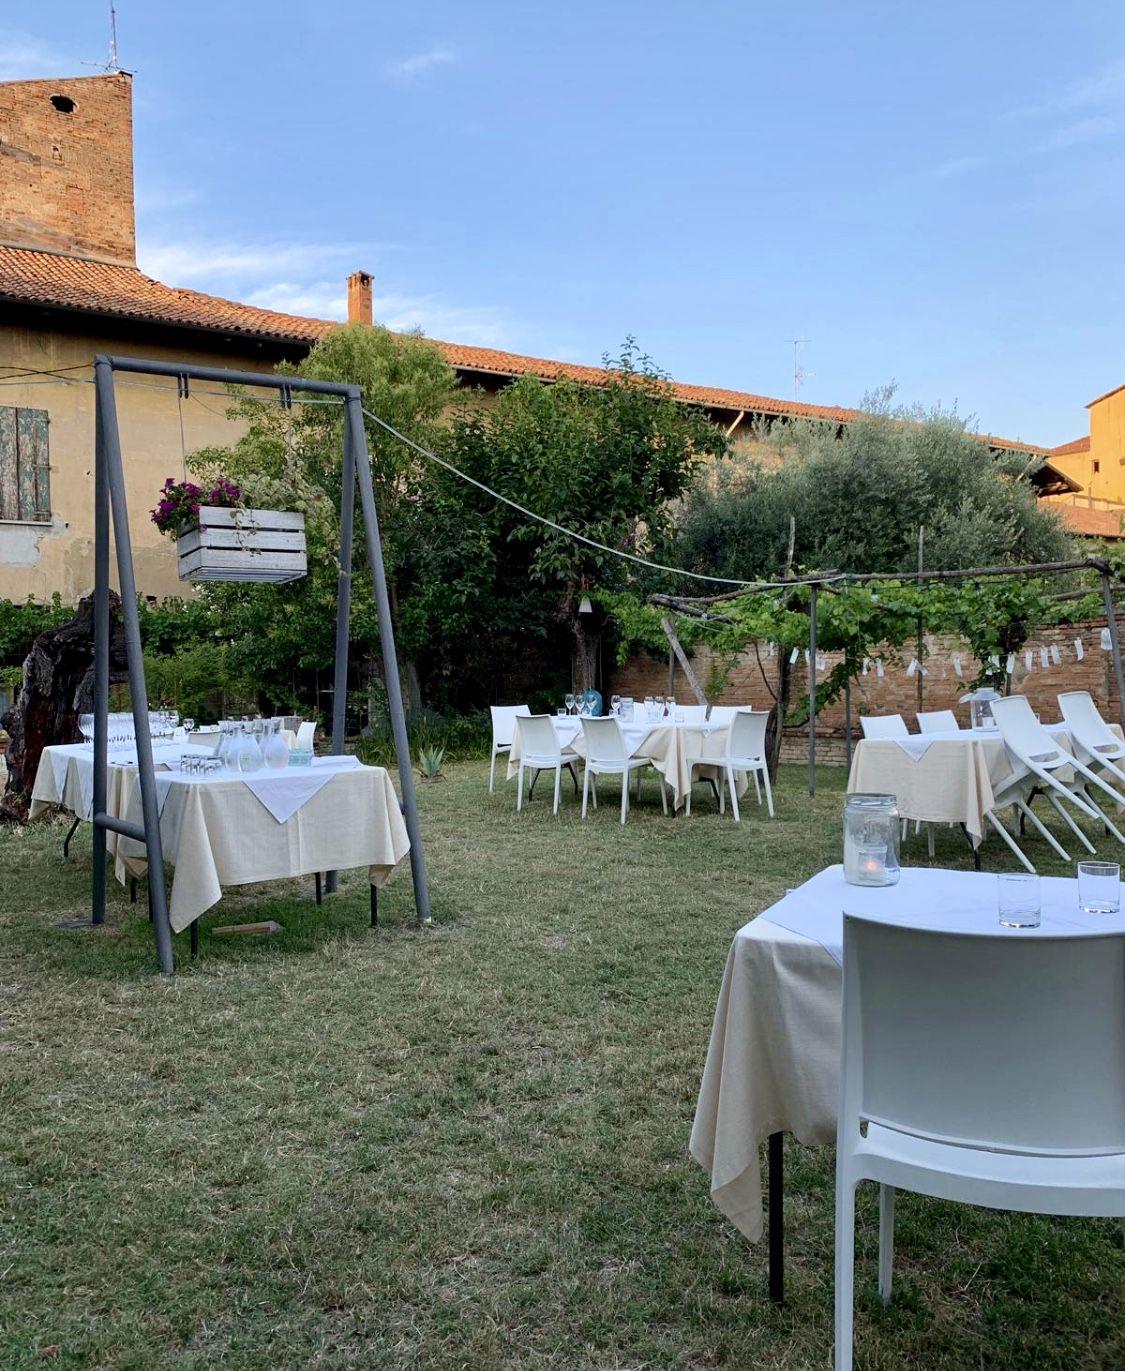 Ristoranti Allaperto A Bologna Giardini E Terrazze Nel